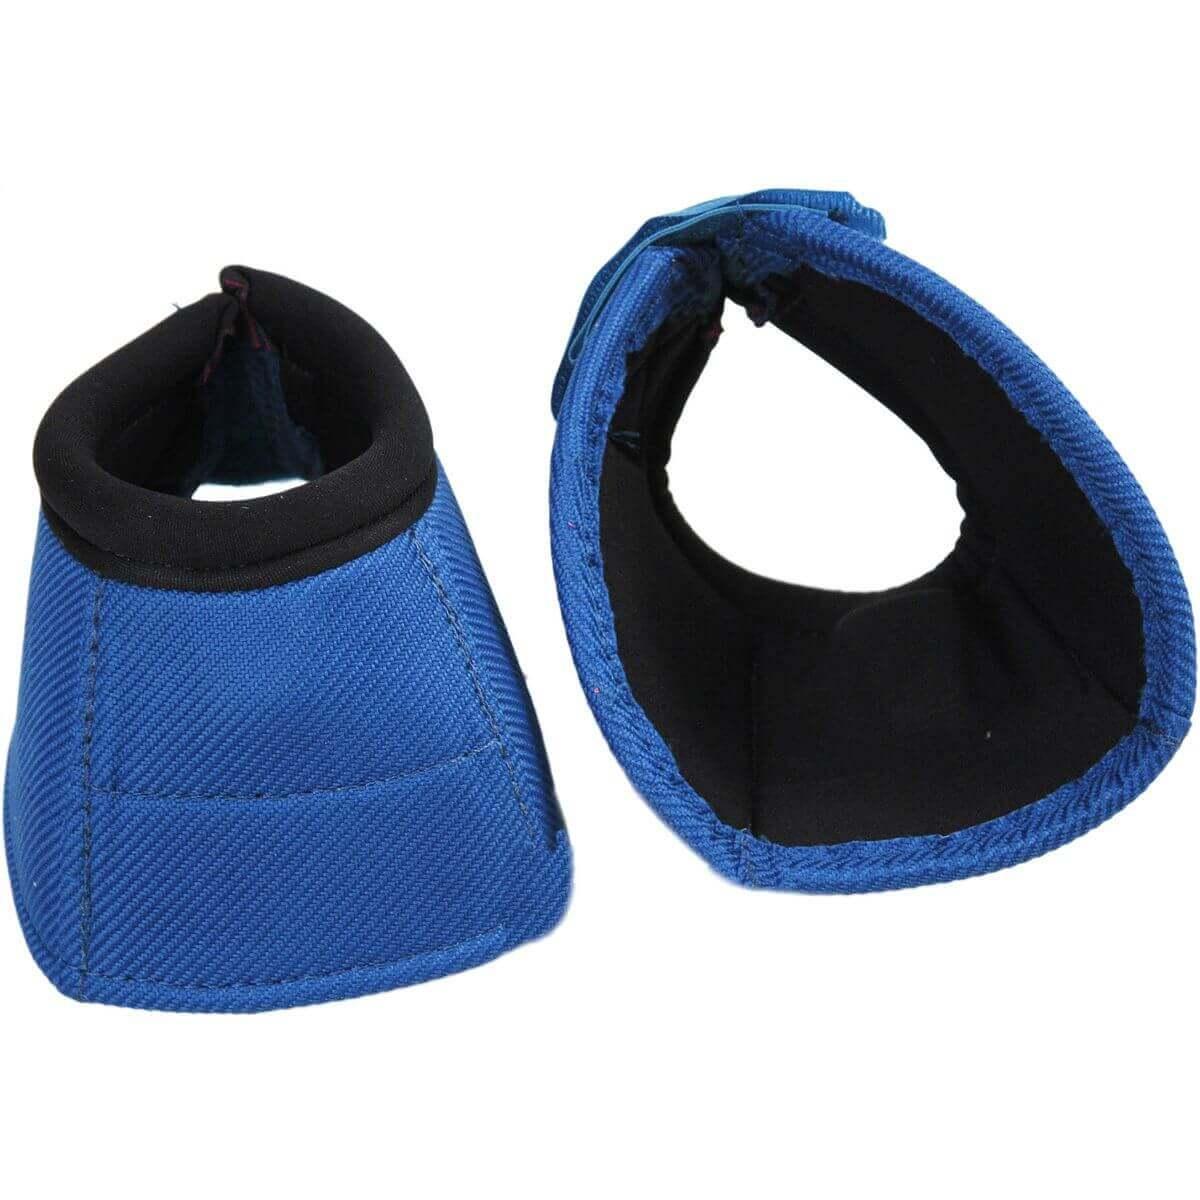 Cloche Equitech De Neoprene Azul